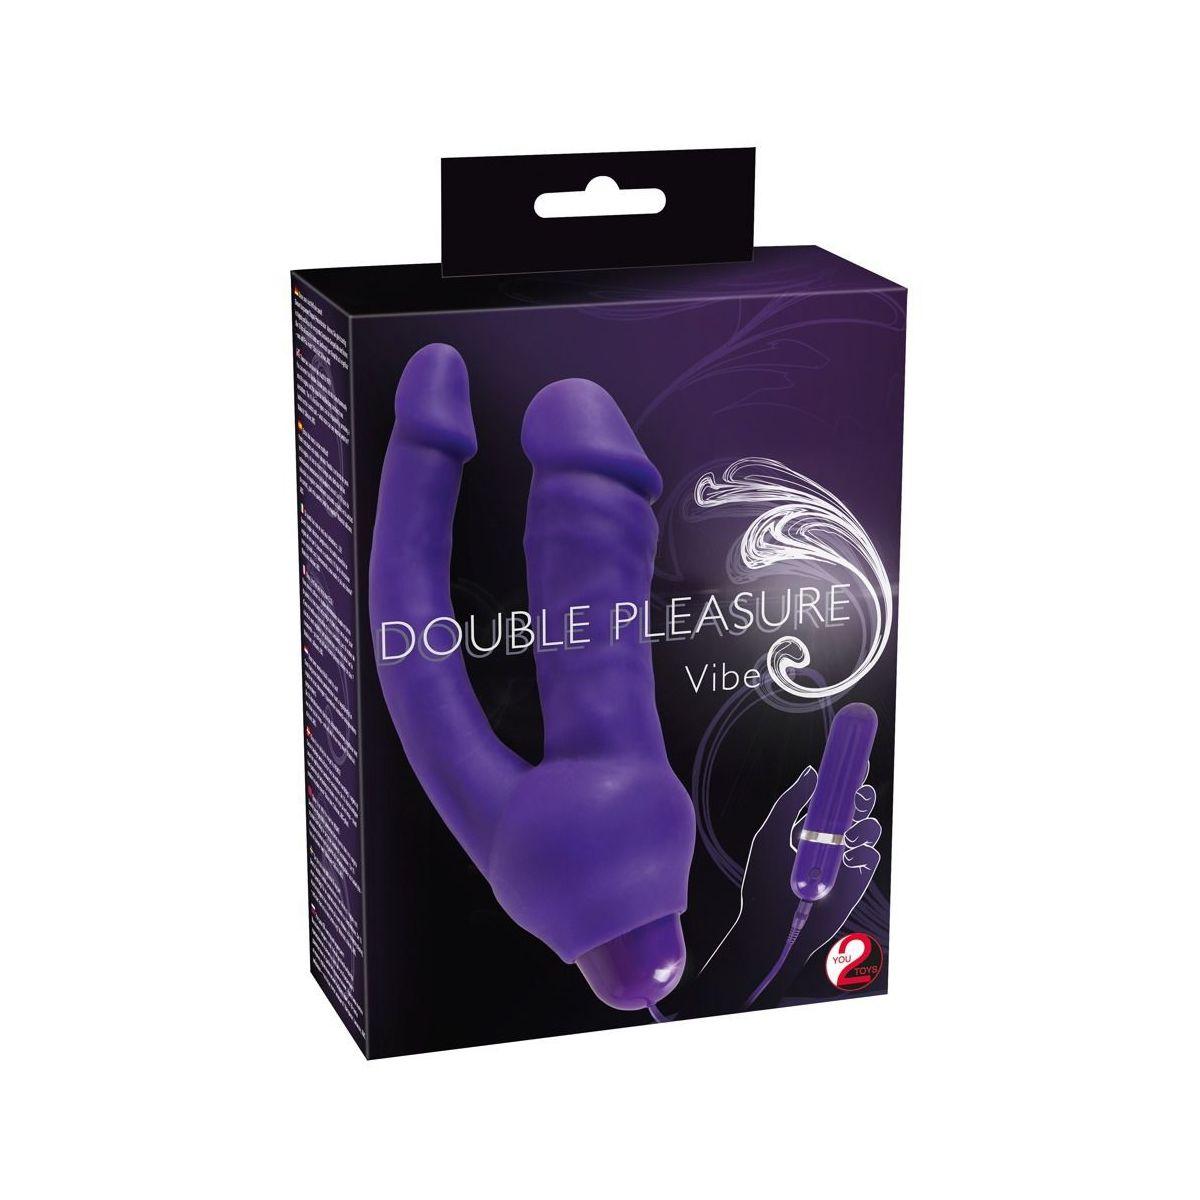 Vibrador flexible doble placer con 10 modos de vibración